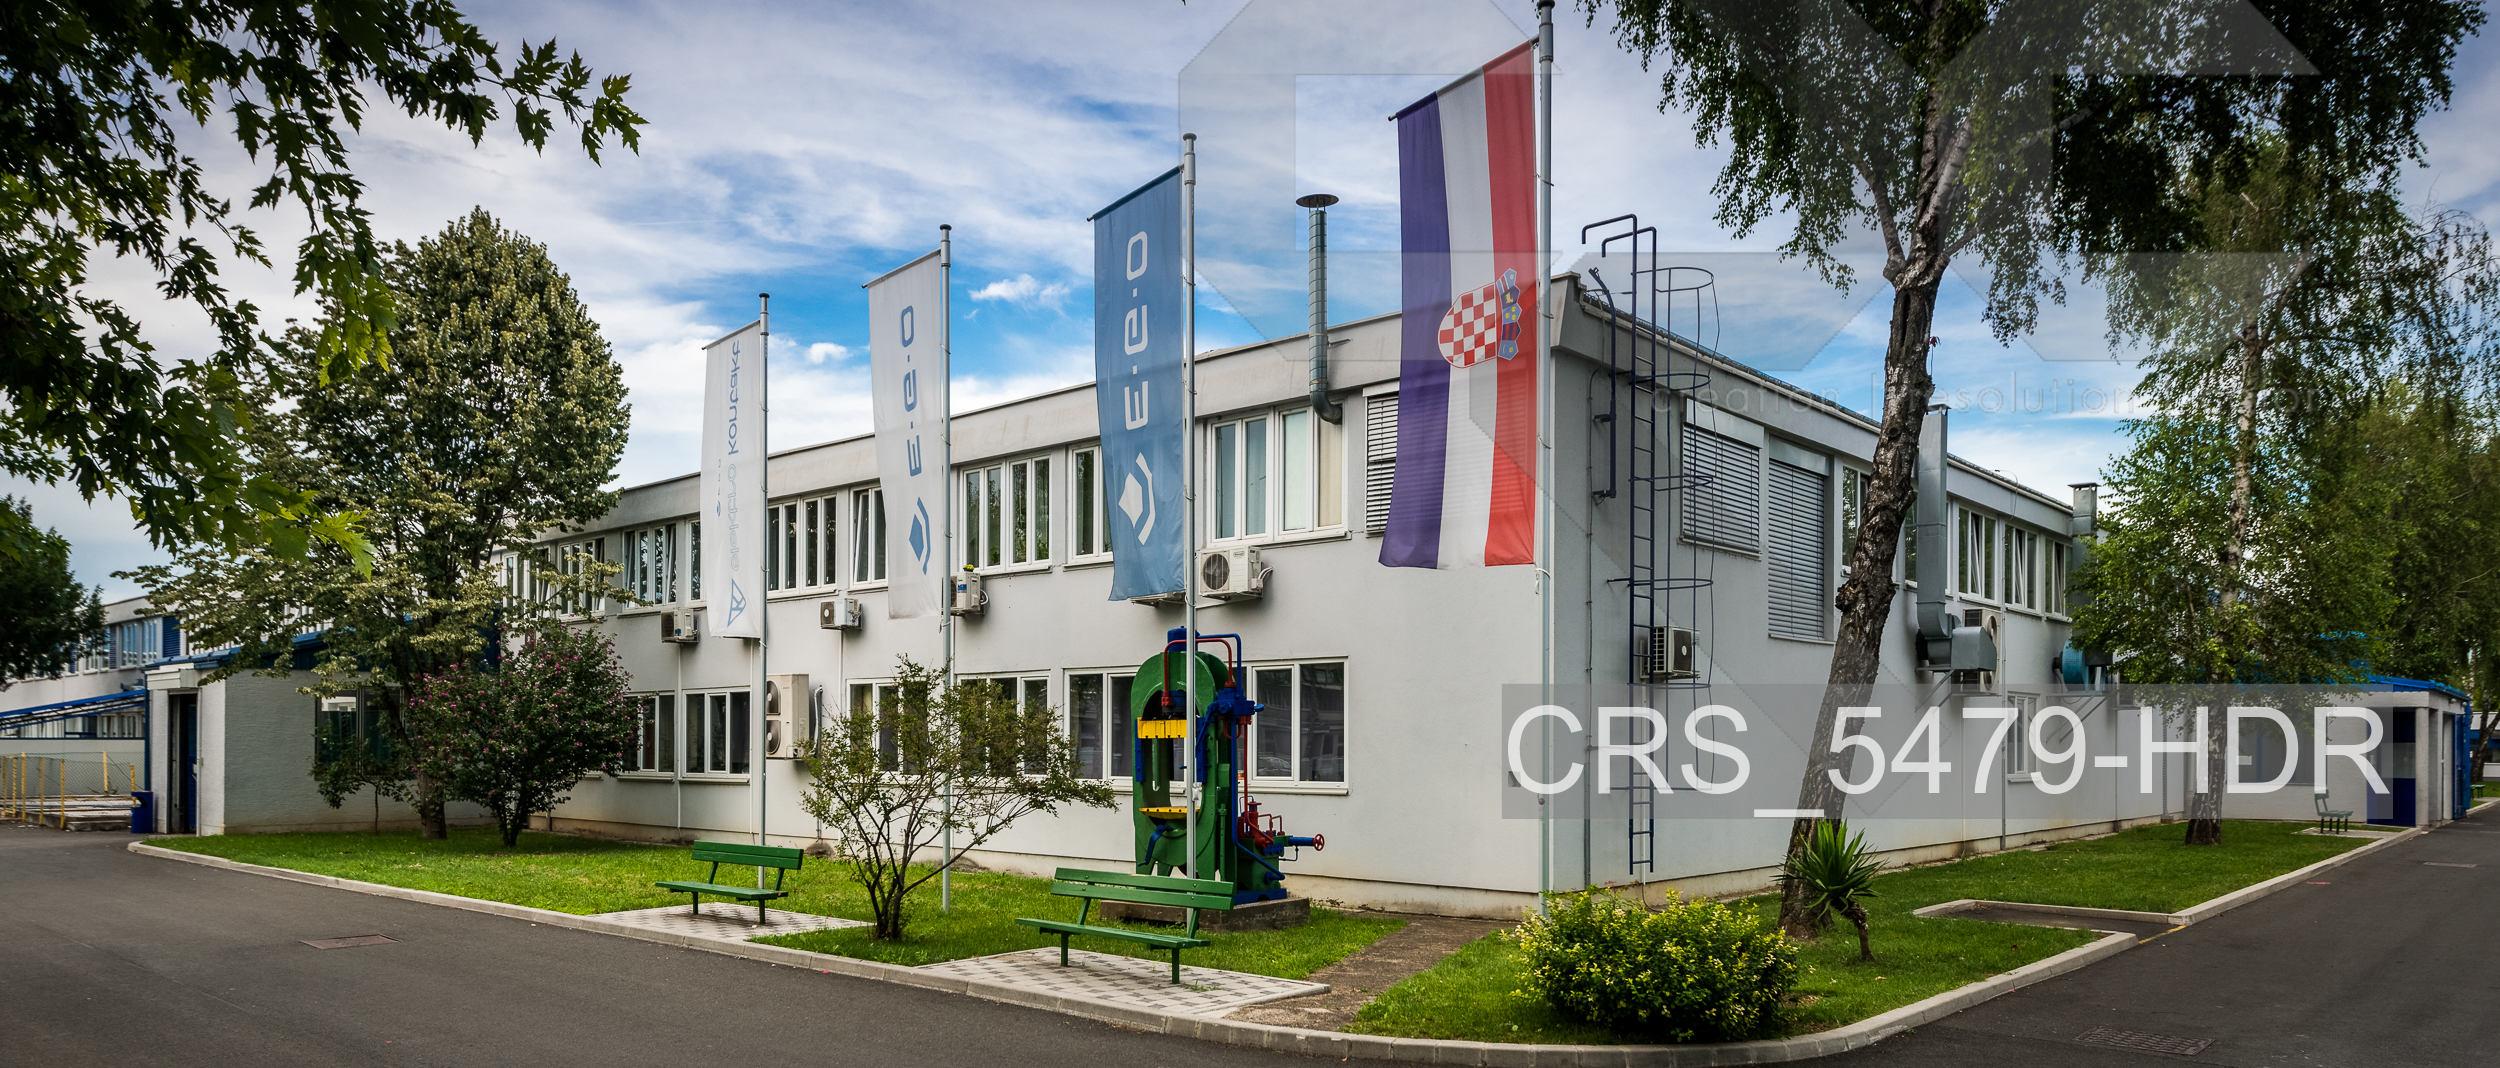 CRS_5479-HDR.jpg